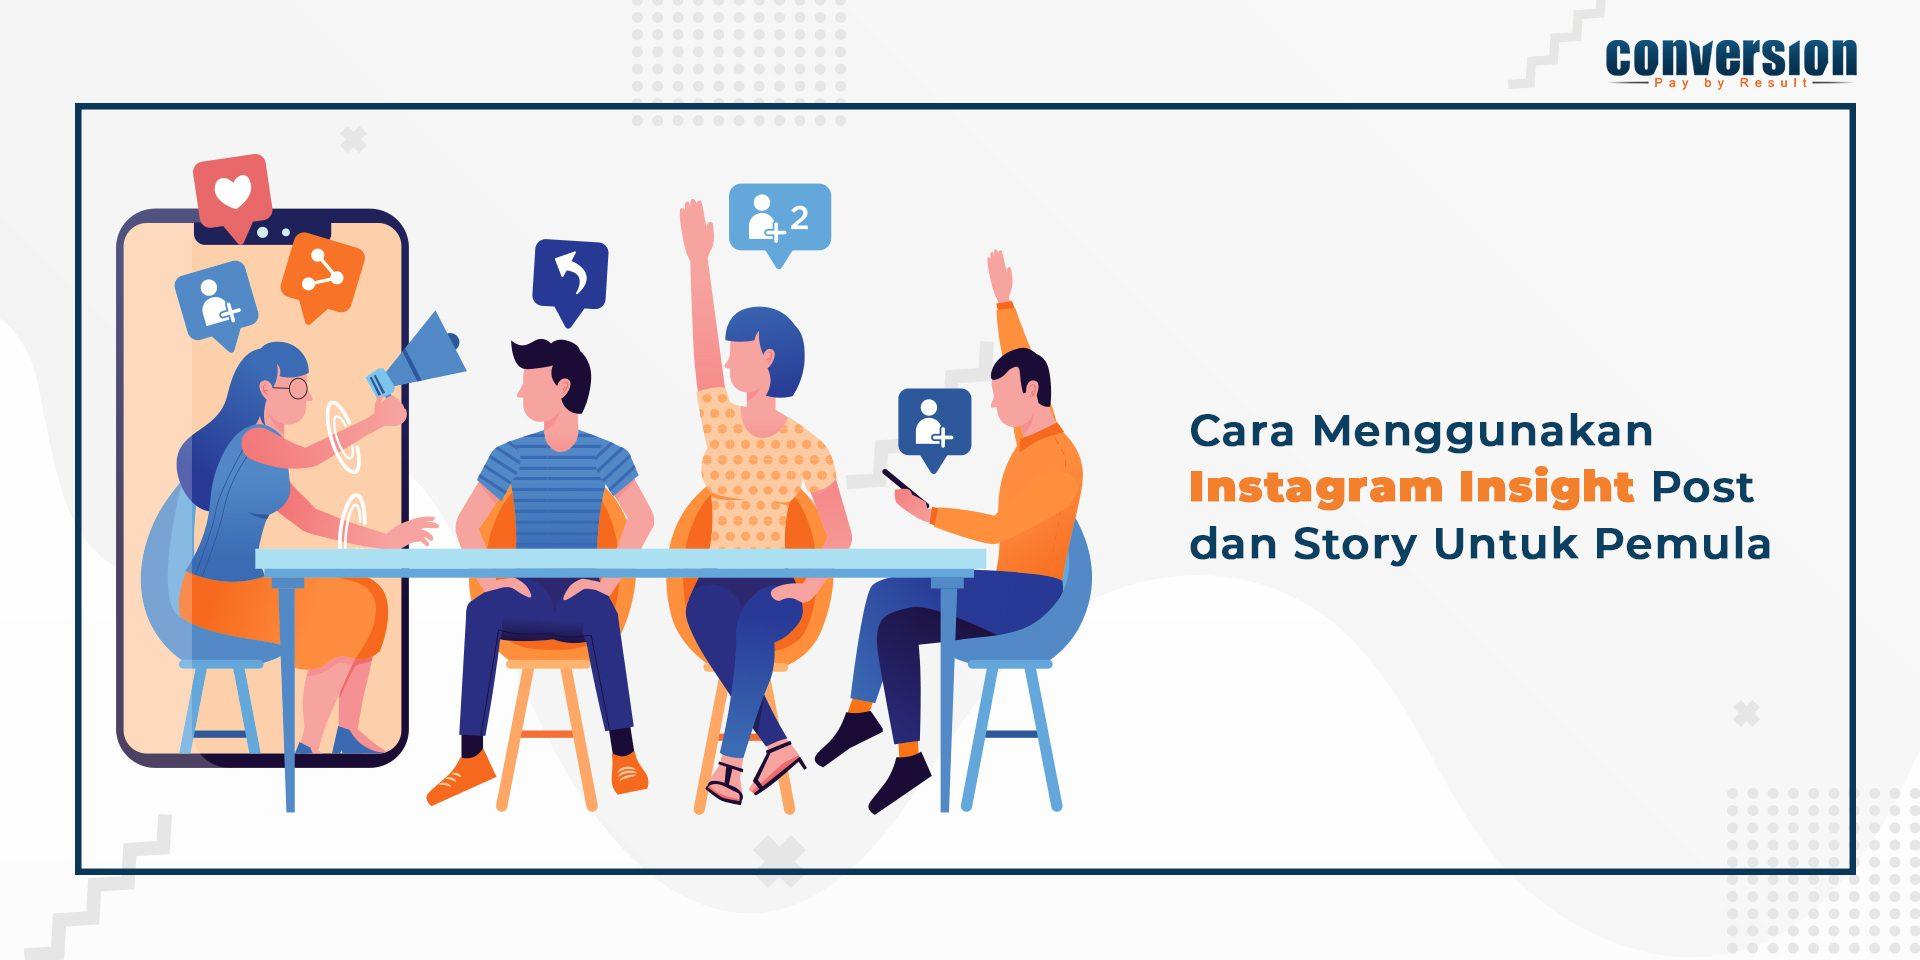 Cara Menggunakan Instagram Insight Post dan Story Untuk Pemula